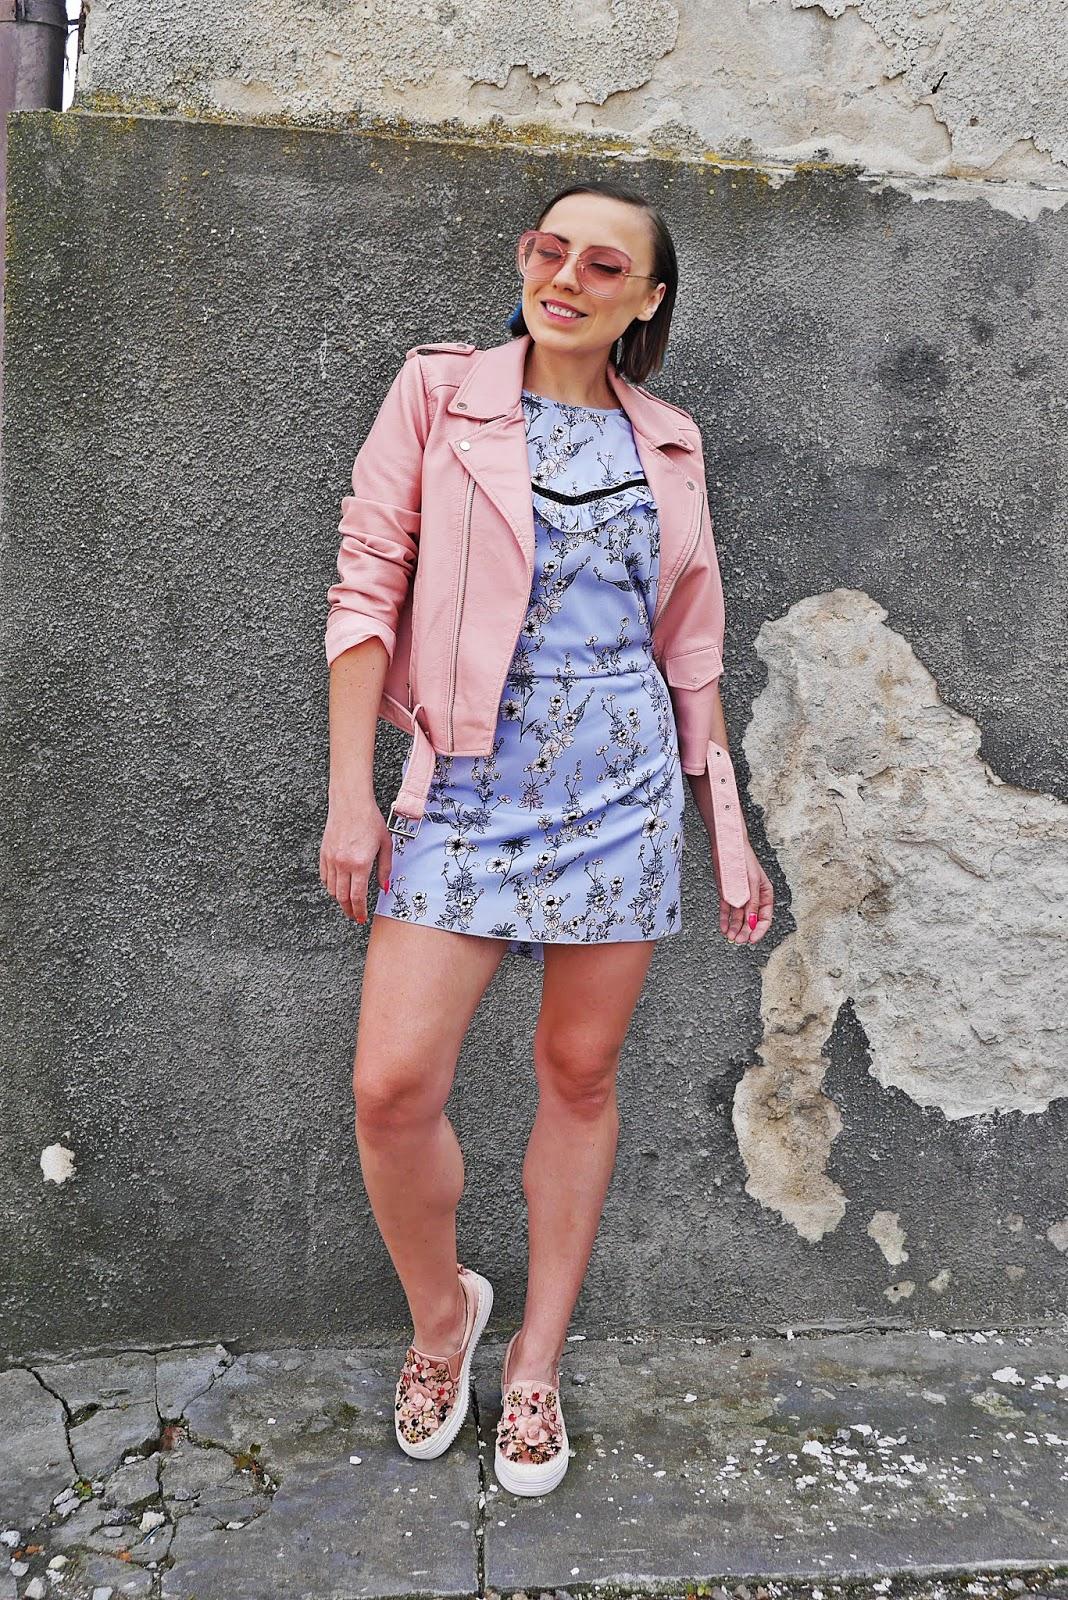 6_sukienka_w_kwaity_bonprix_rozowa_ramoneska_buty_renee_karyn_blog_modowy_200518